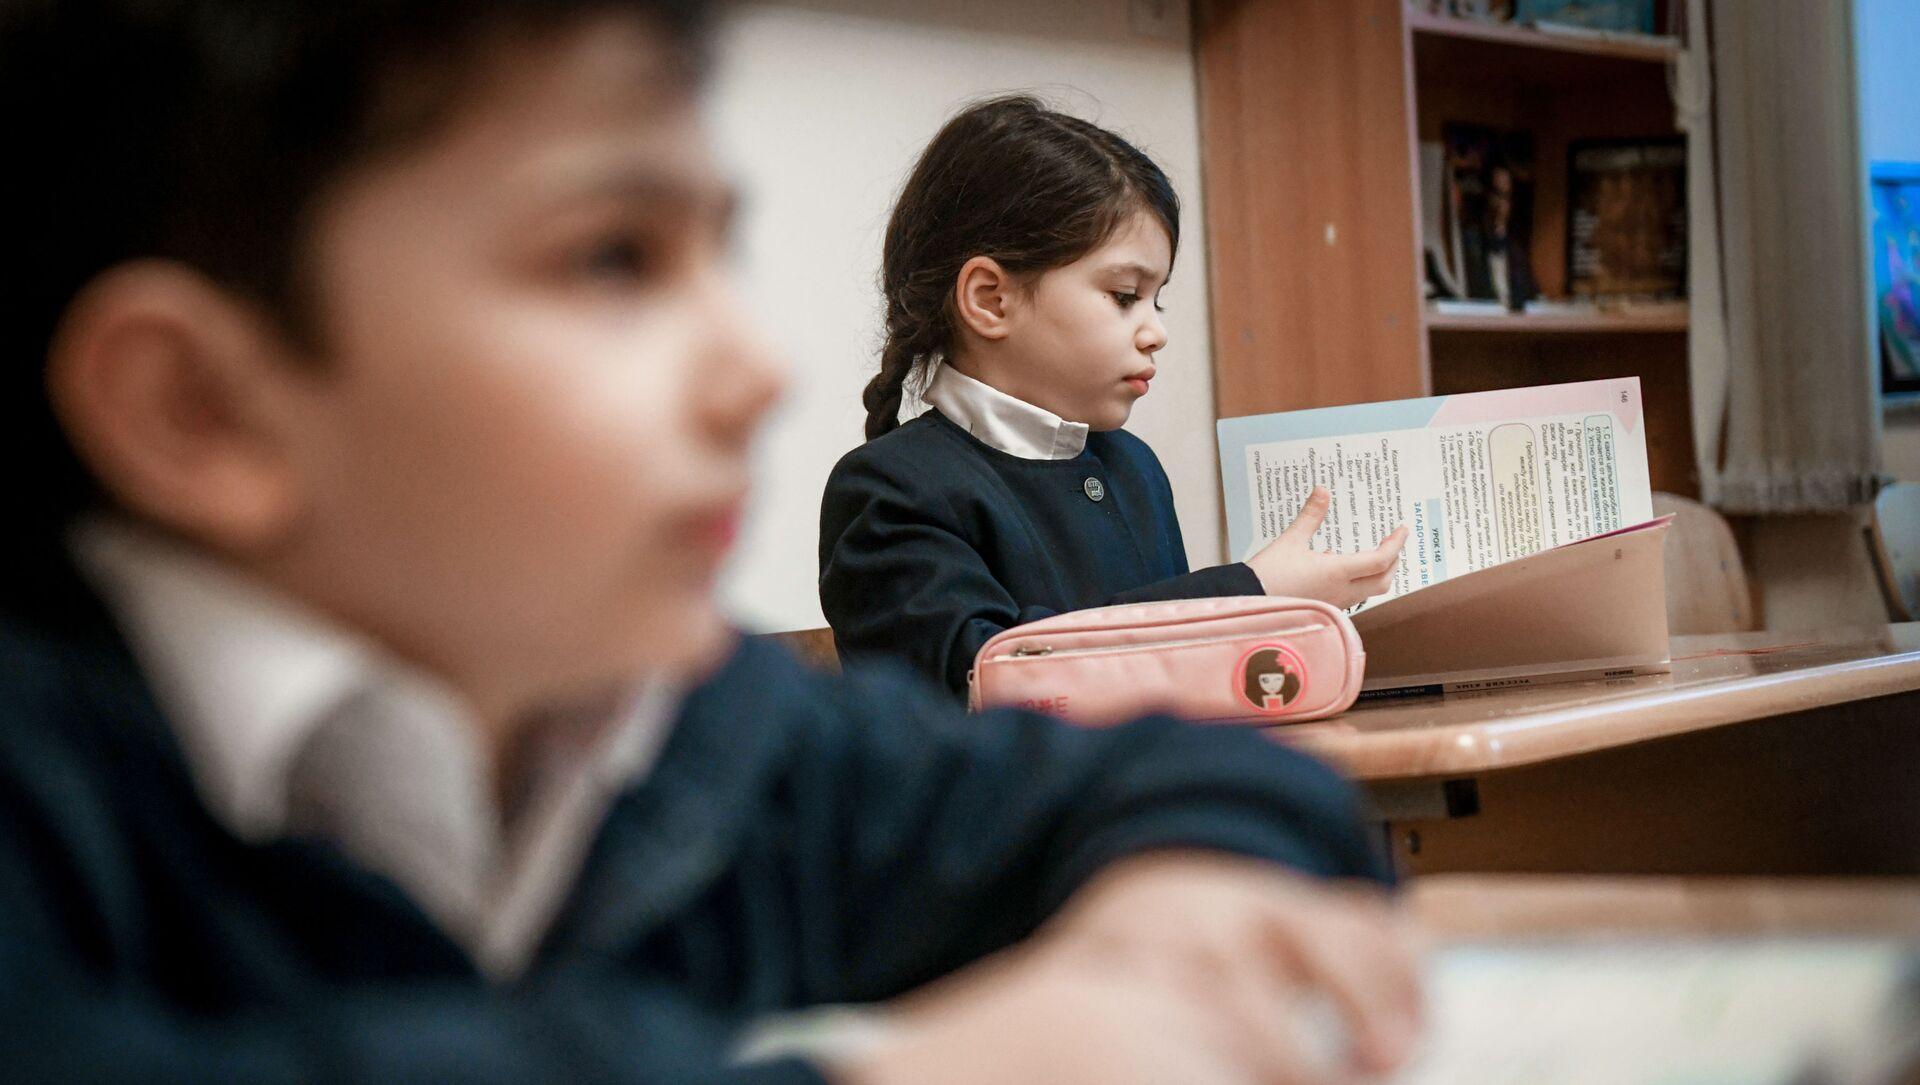 Возобновление очных занятий в бакинских школах, 1 февраля 2021 года - Sputnik Азербайджан, 1920, 20.08.2021